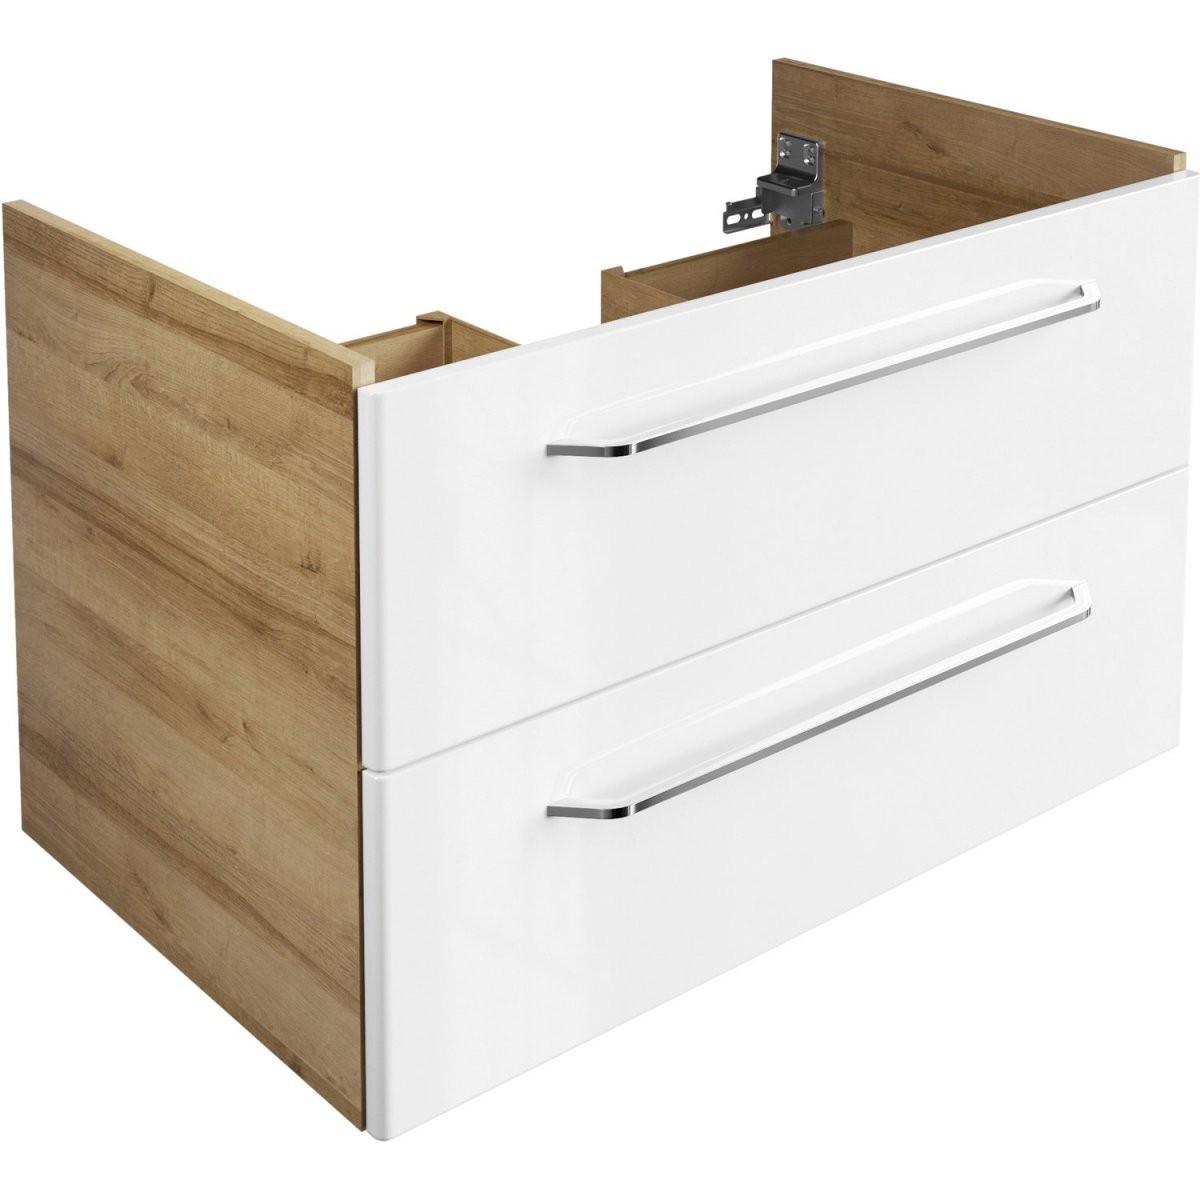 Waschbeckenunterschränke Online Kaufen Bei Obi  Obi von Aufsatzwaschbecken Mit Unterschrank Stehend Bild